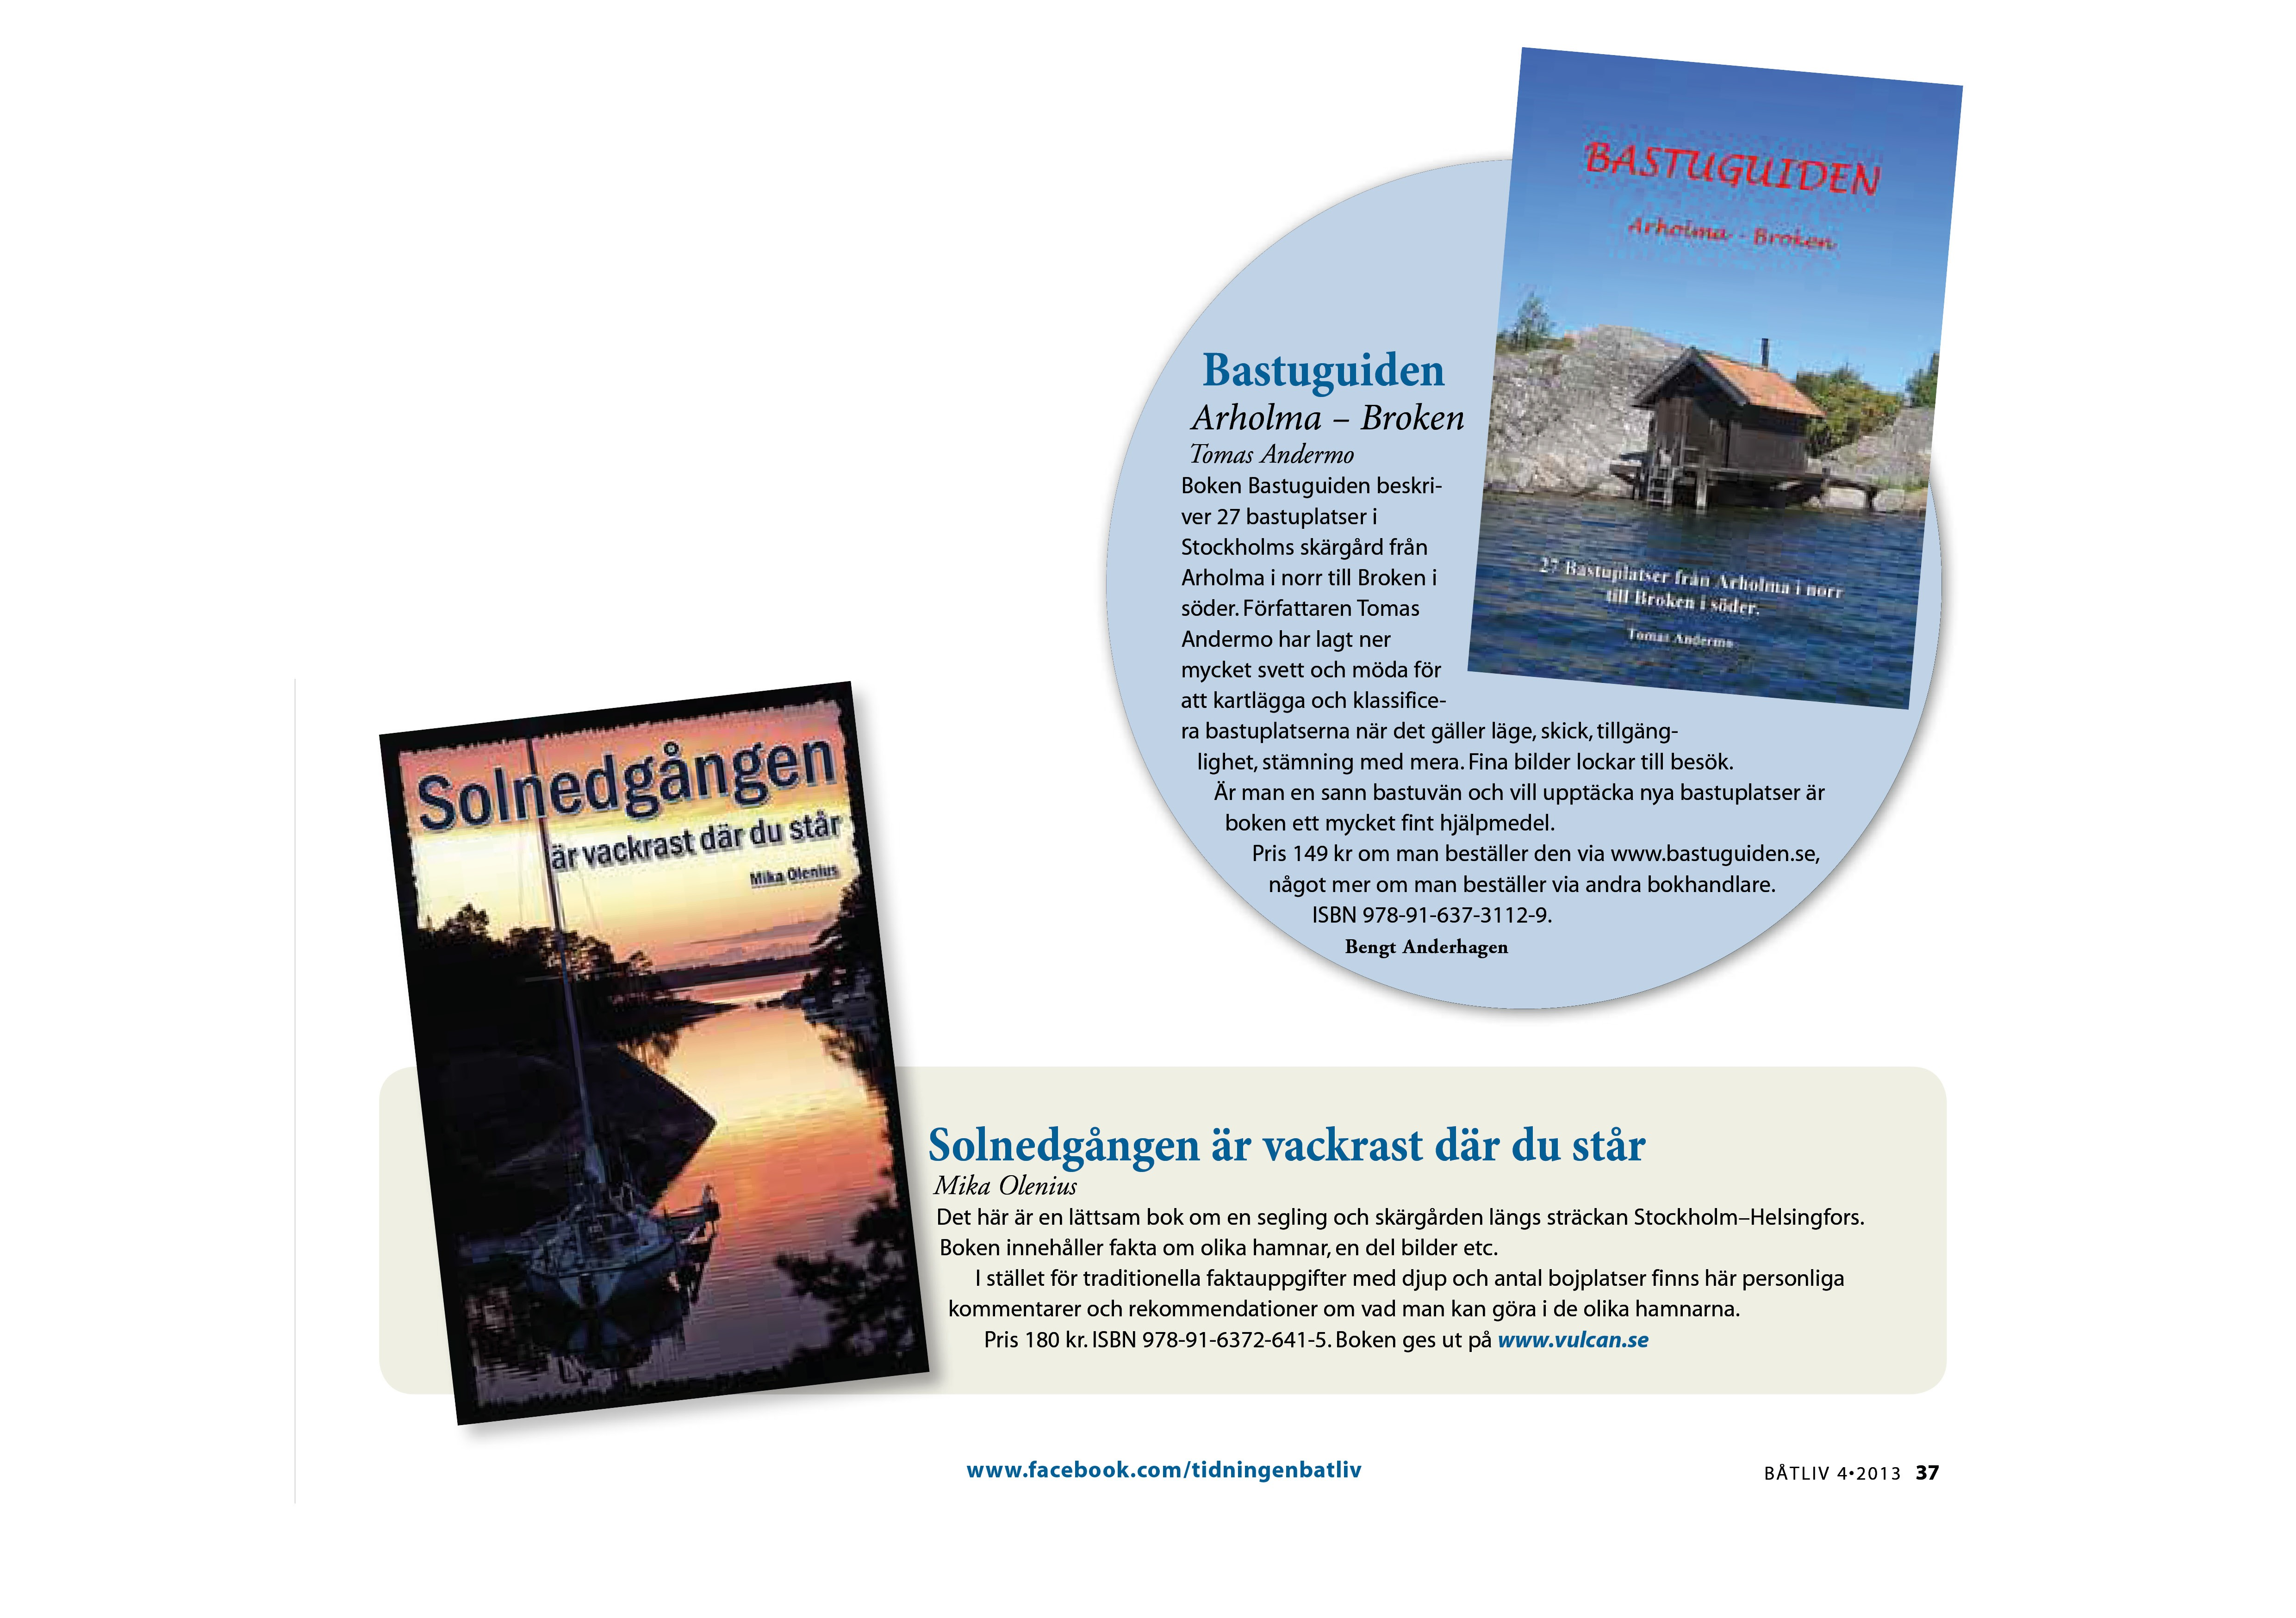 Personliga böcker uppmärksammas av tidningen Båtliv